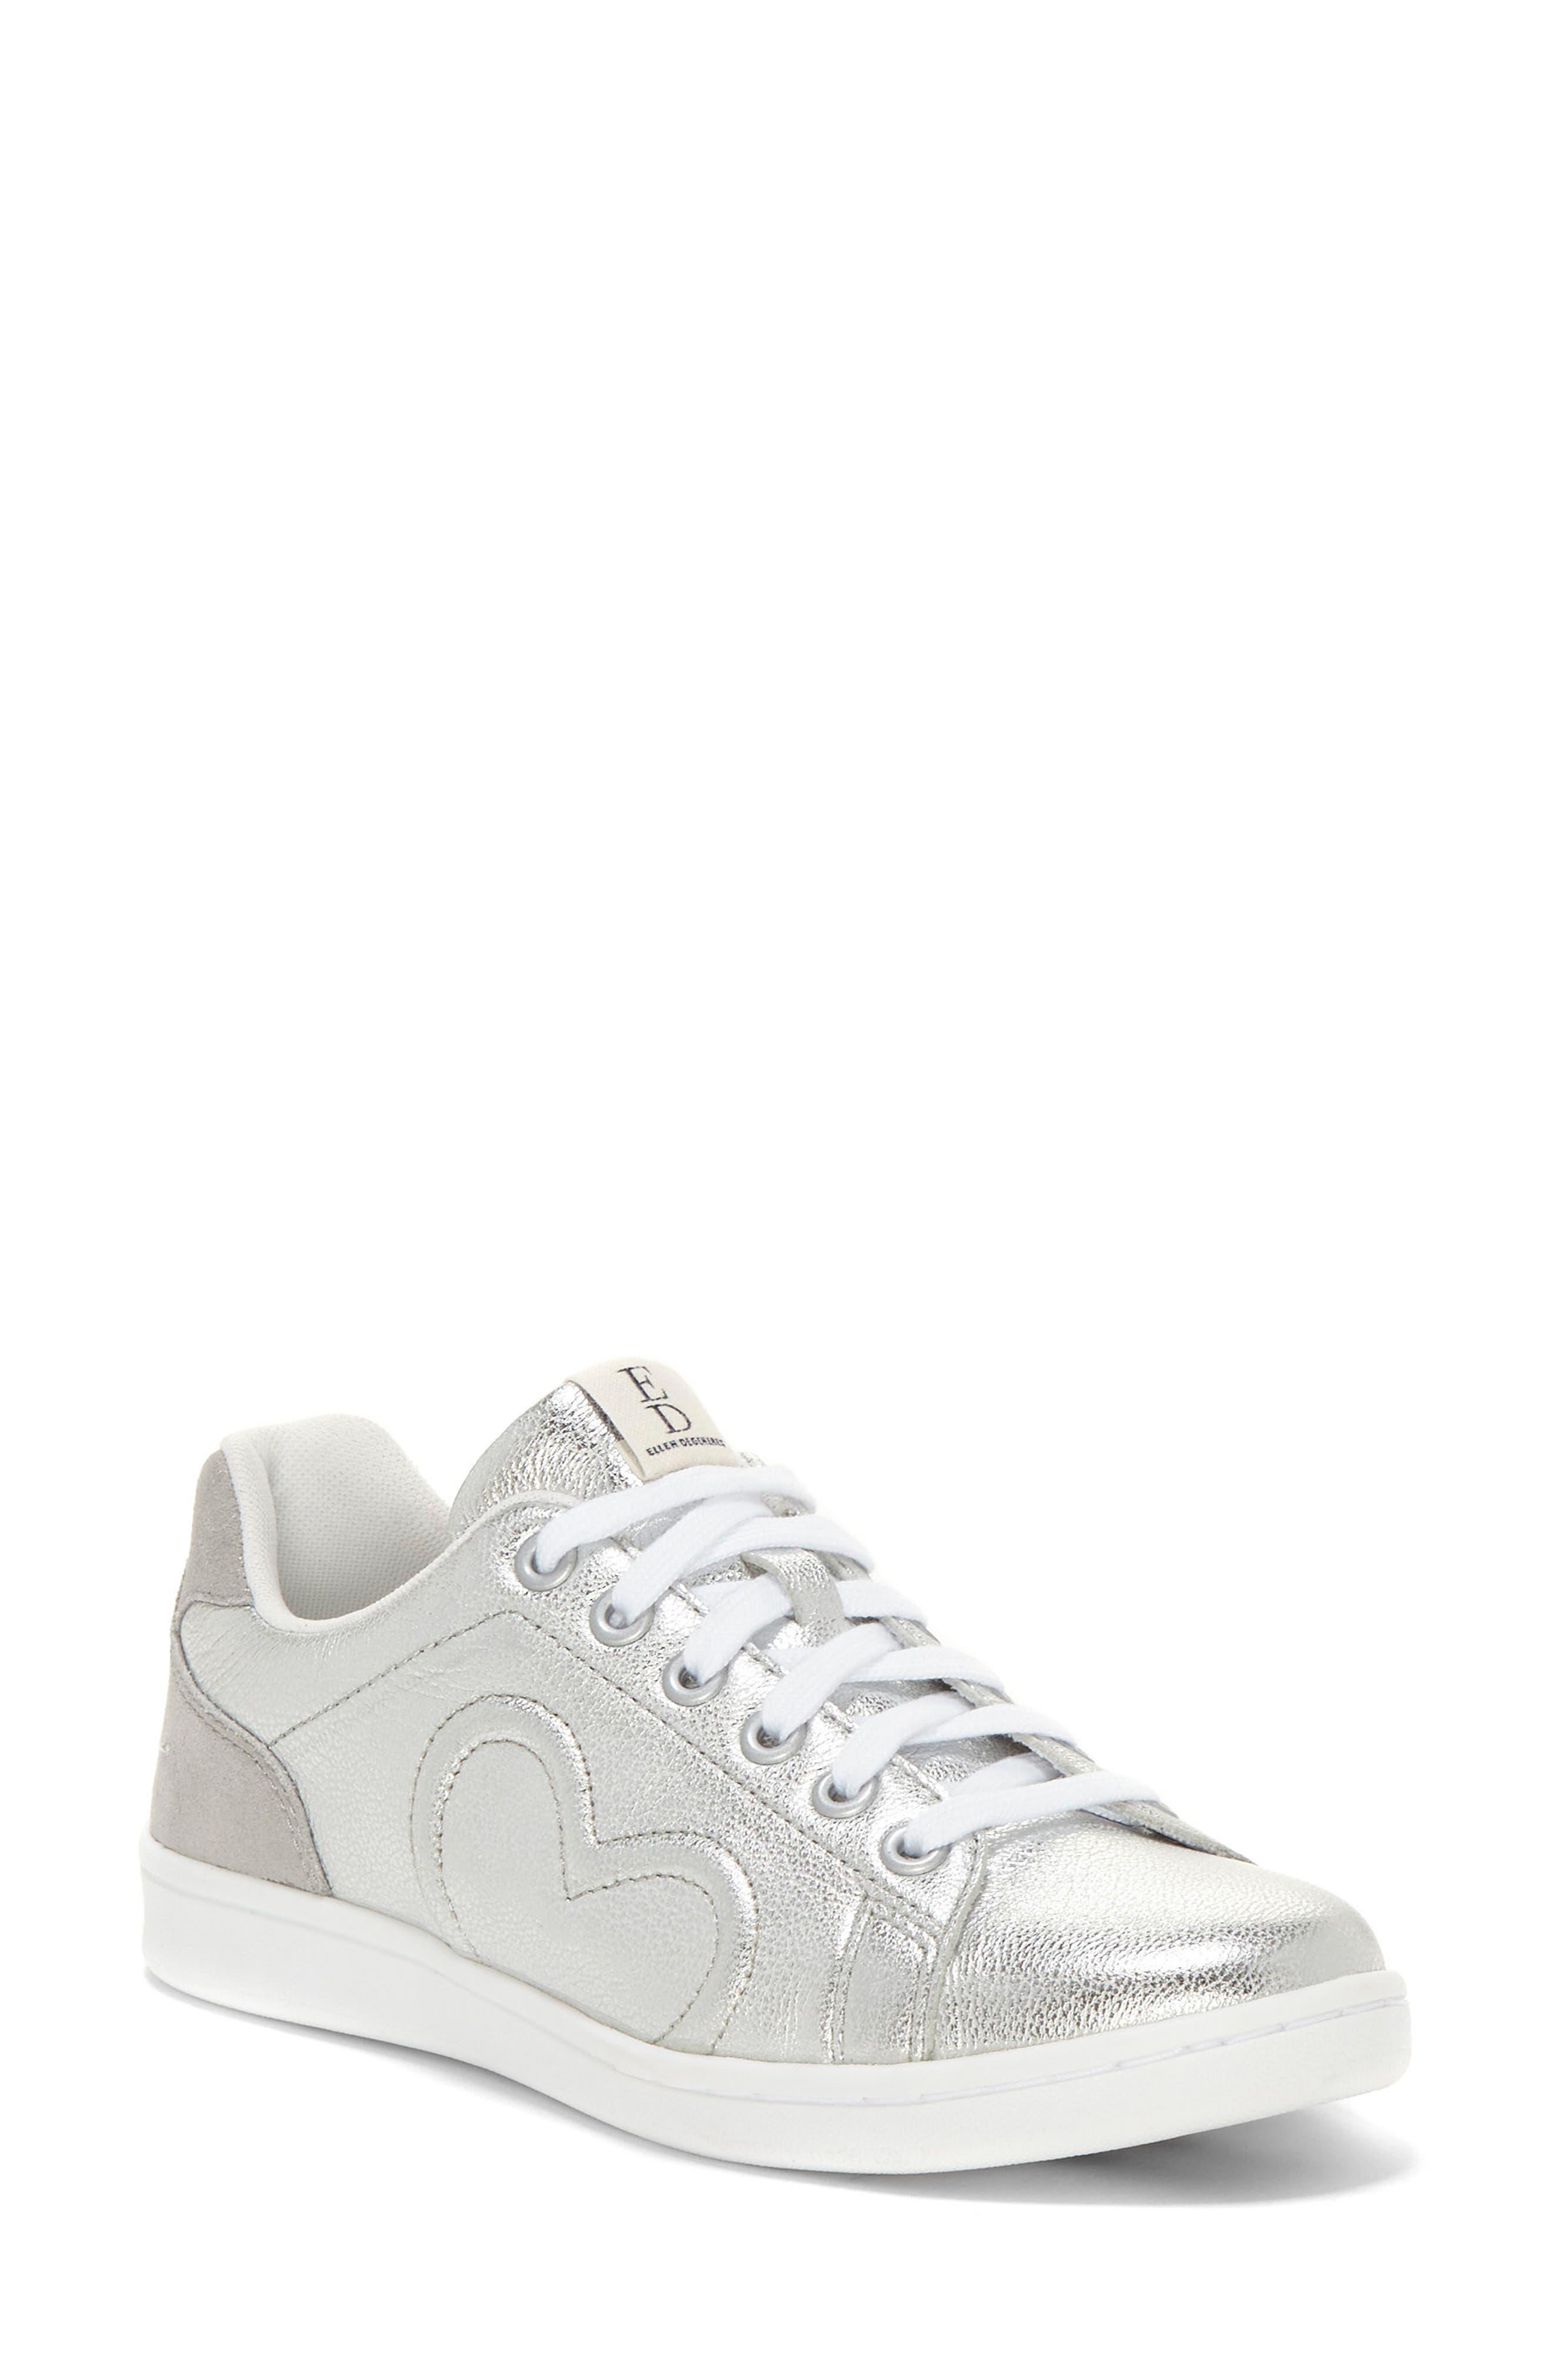 Chapunto Sneaker,                         Main,                         color, SILVER SUEDE